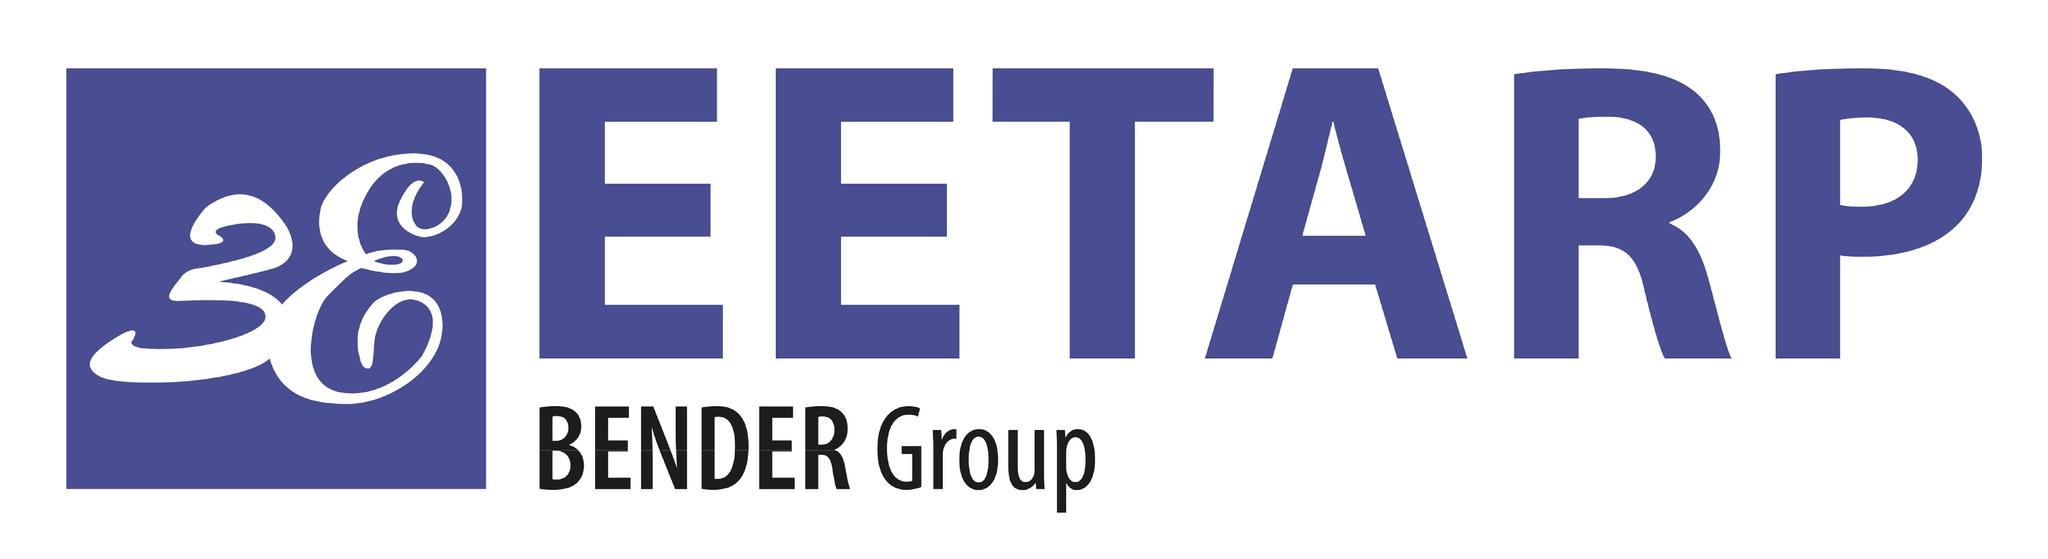 Eetarp Engineering Group